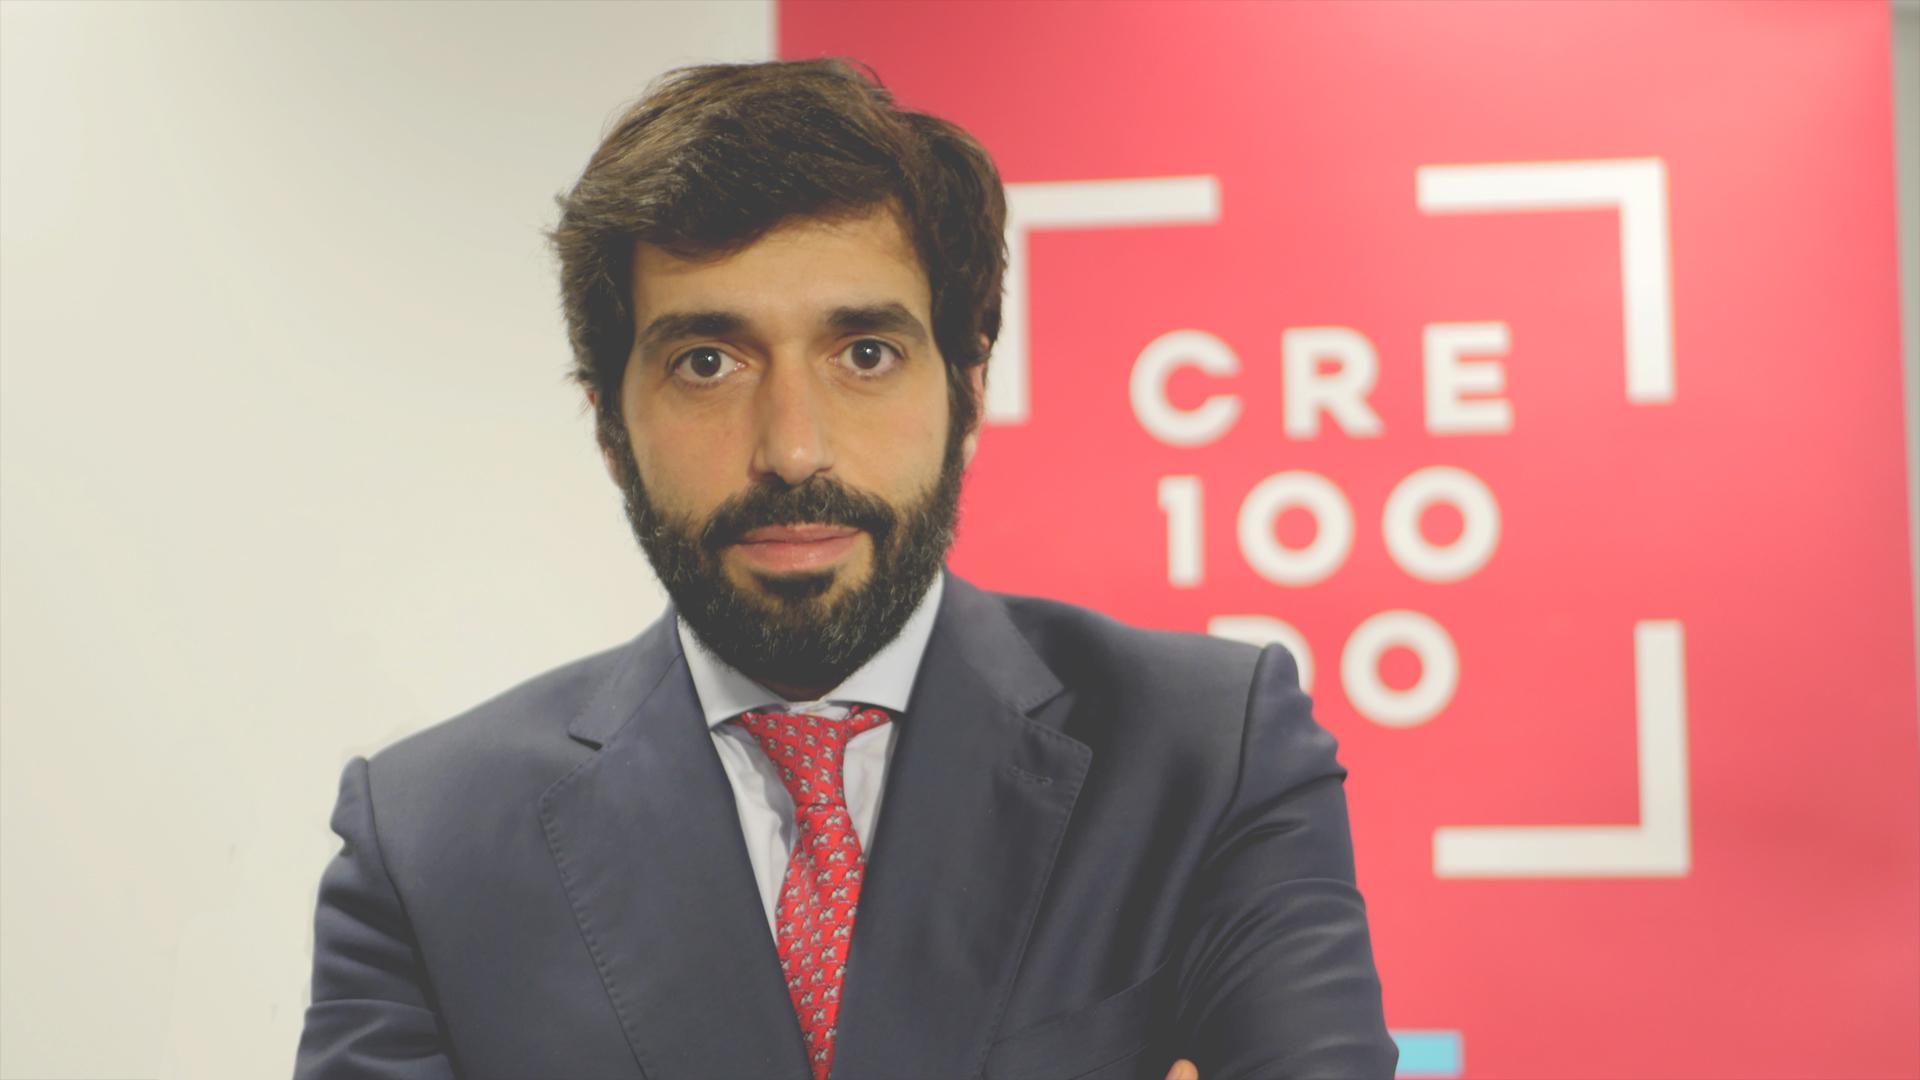 Rafael Vaquero, nuevo Director General de Fundación CRE100DO